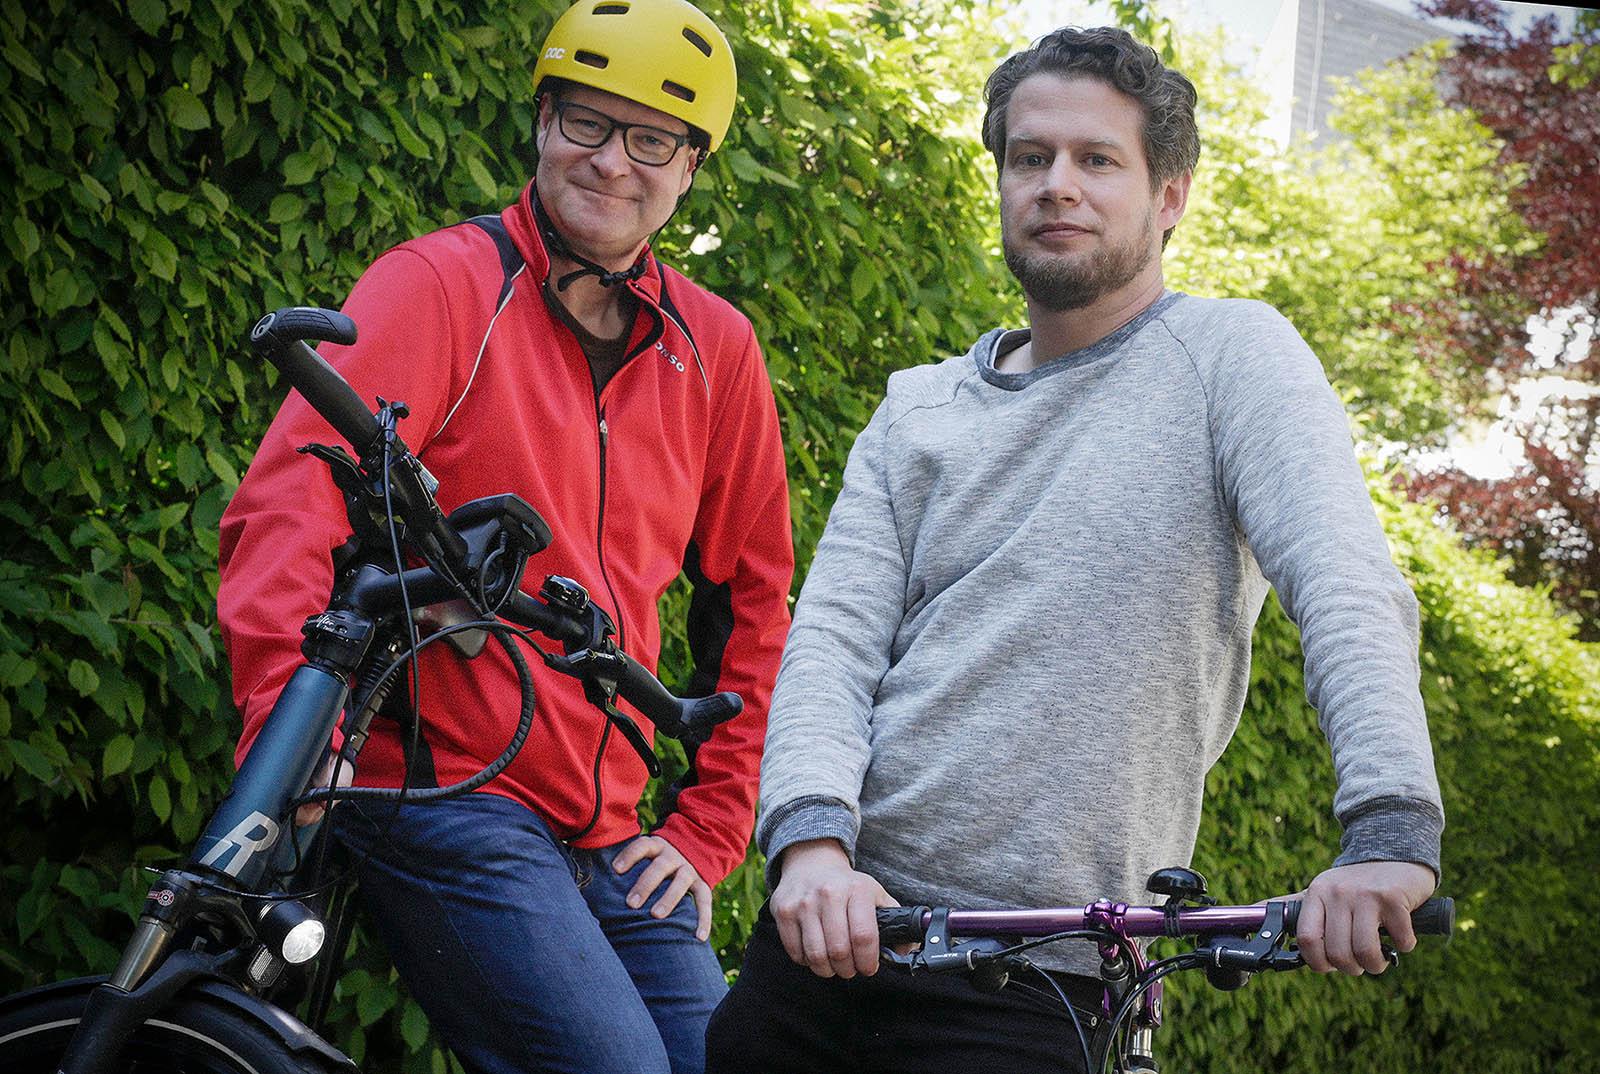 STADTRADELN OSNABRÜCK /// Mit der Fahrrad in die Agentur: Detlef Heese und Sigurd Könker nehmen für die Arbeitsweg oft das Rad